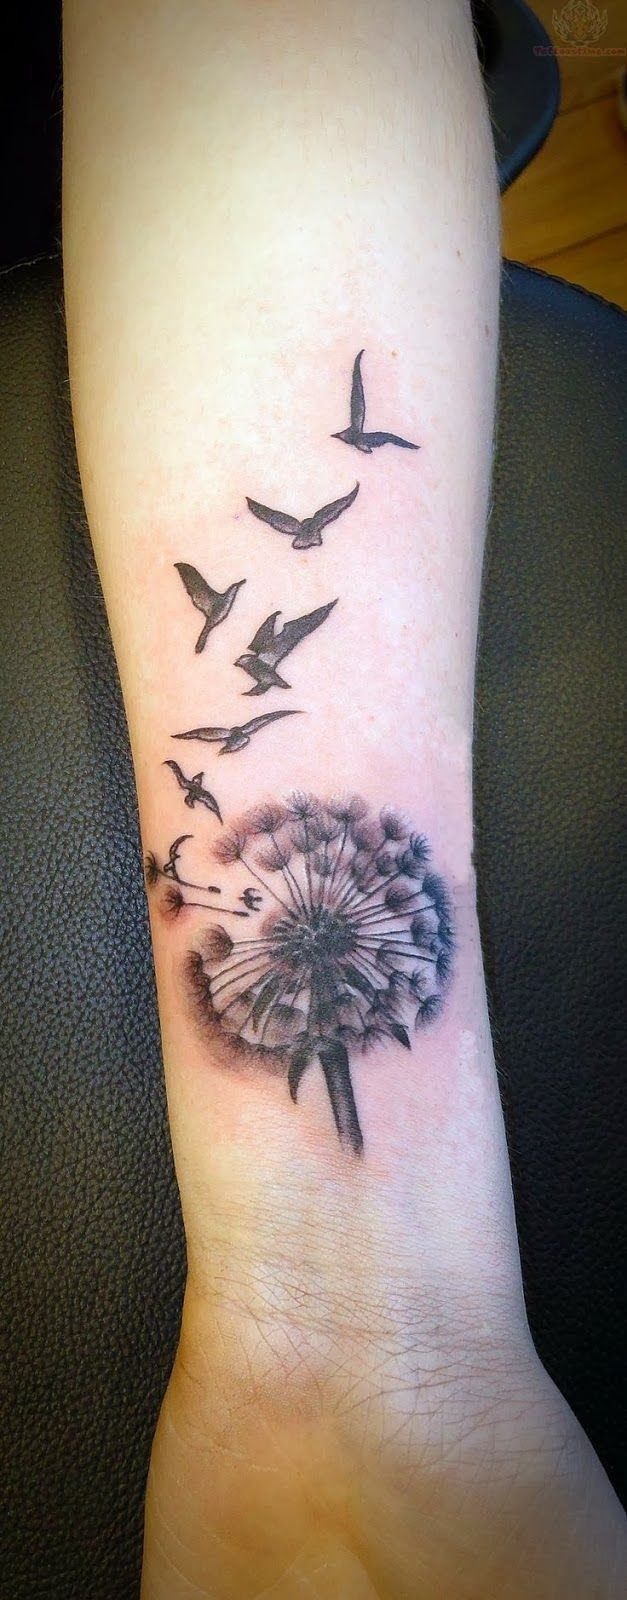 Selecionamos mais de 100 fotos de tatuagens femininas e delicadas para fazer no pulso. Tem para todos os gosto e estilos!